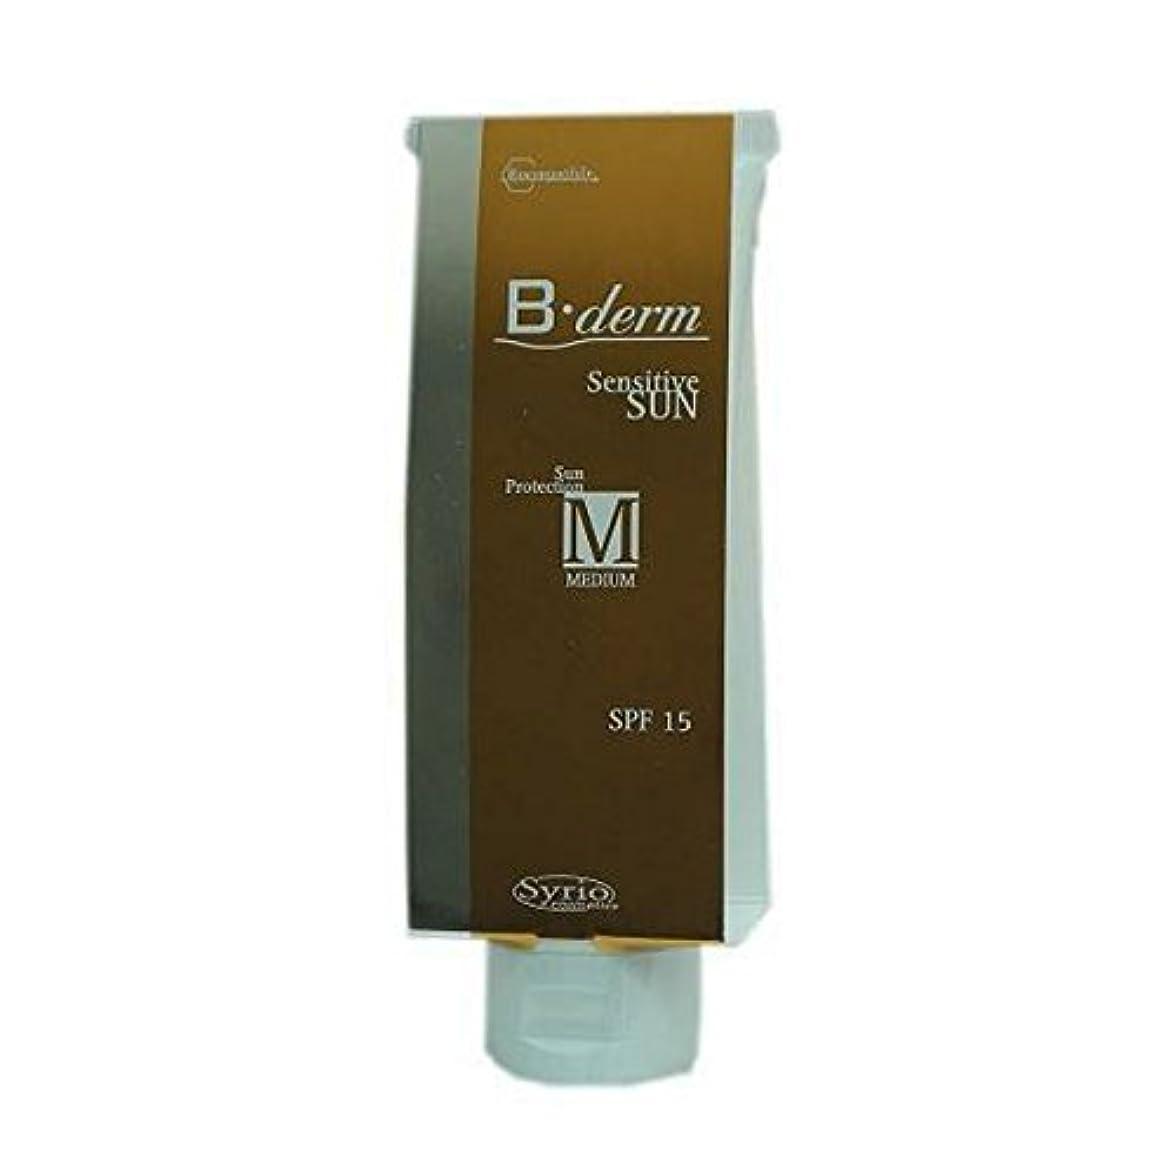 感染する関数不良品B-derm Sun Cream Spf15 125ml [並行輸入品]